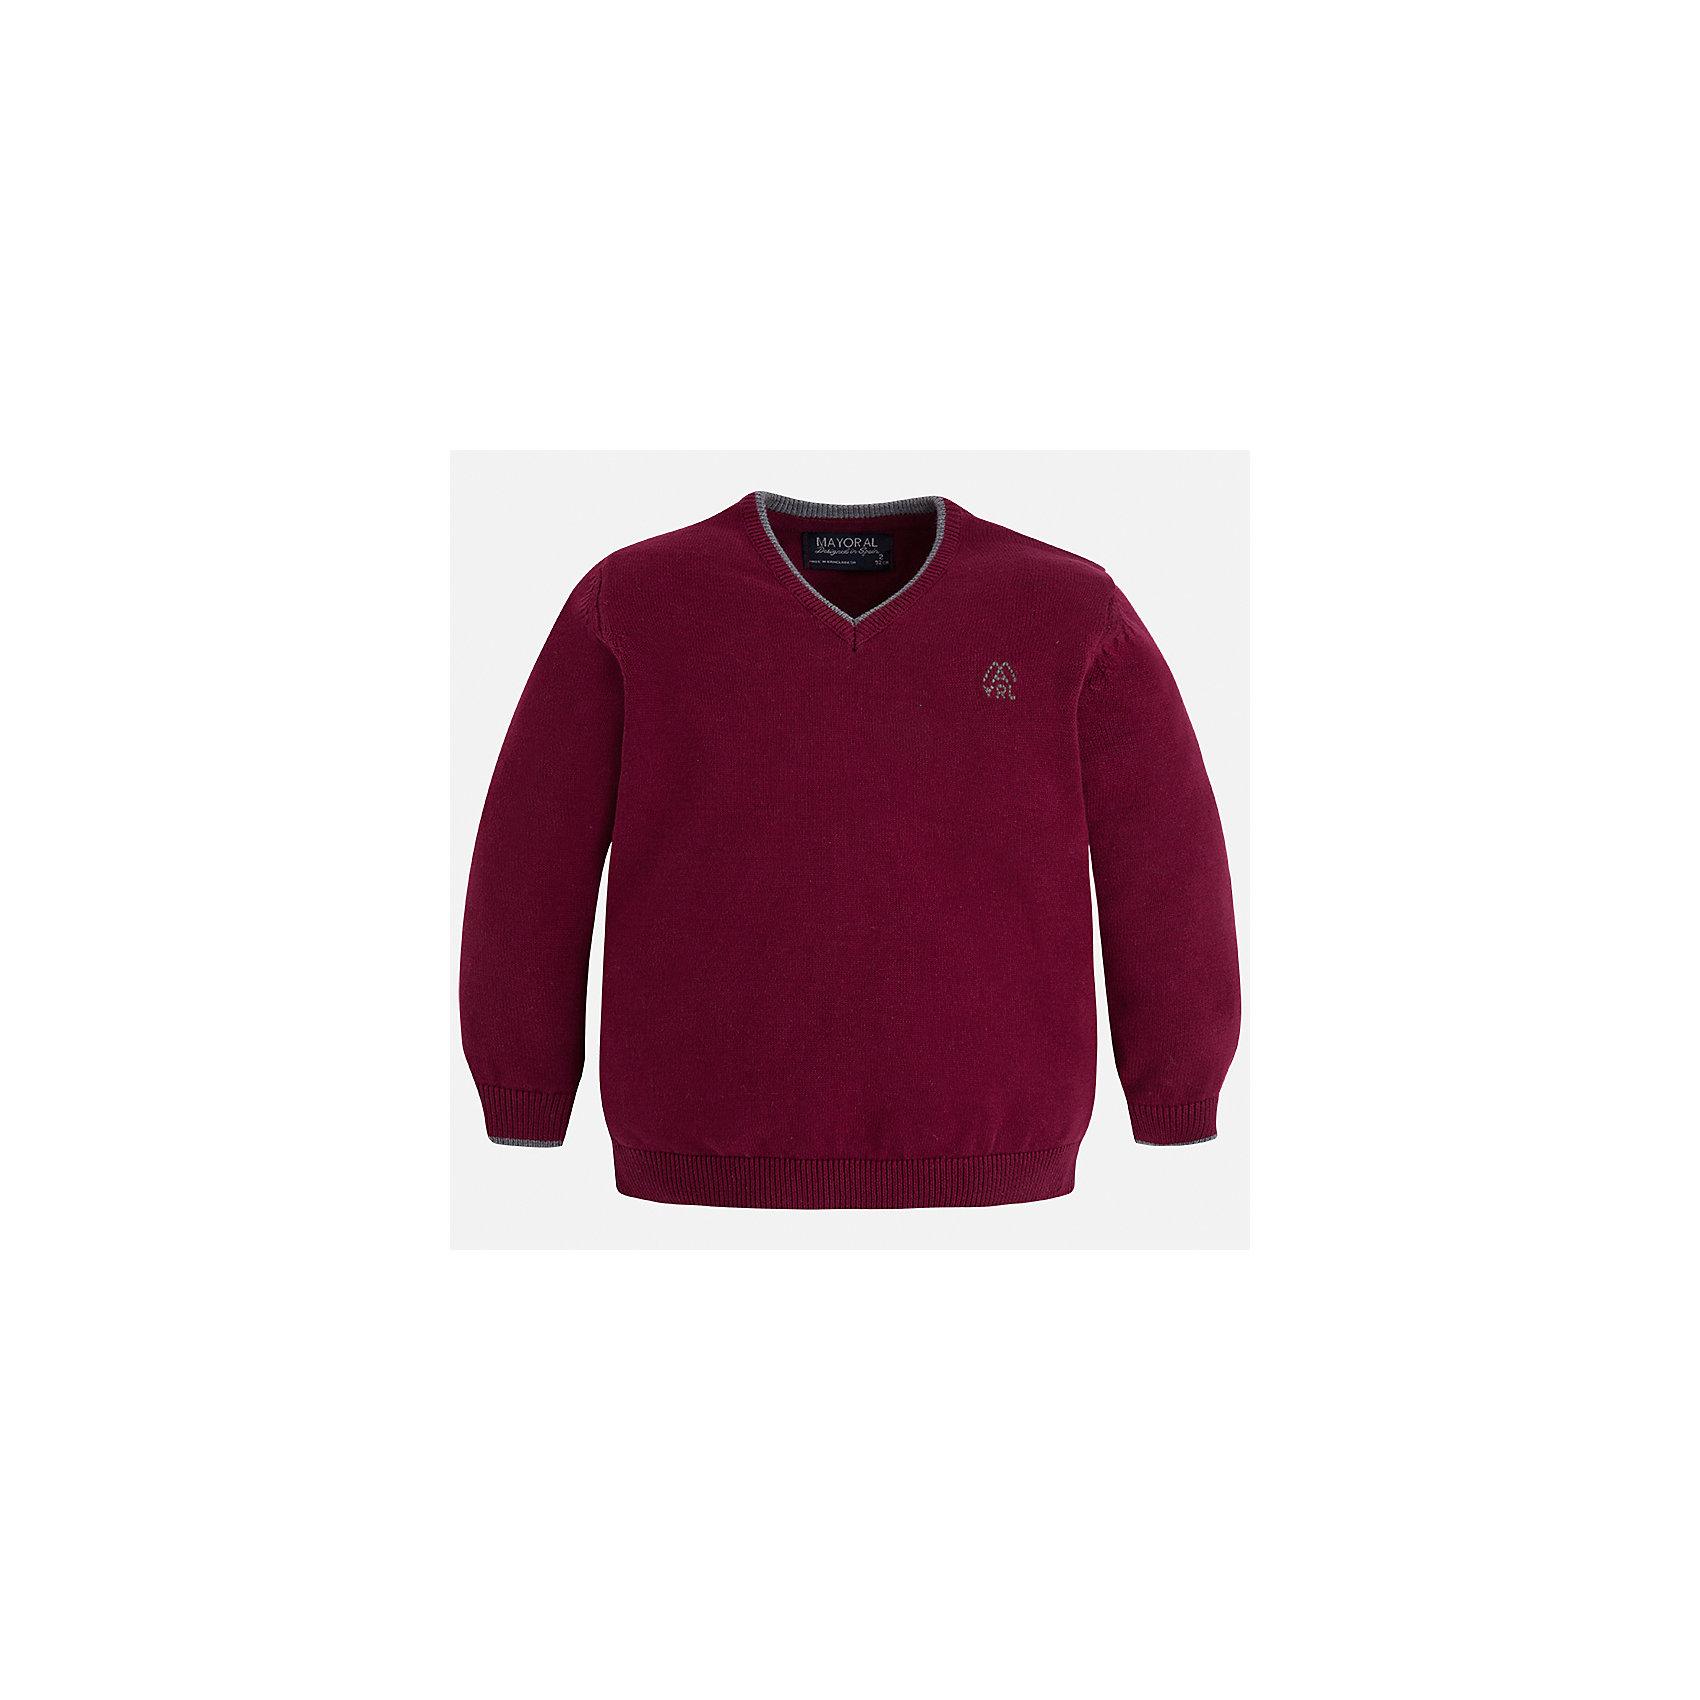 Свитер Mayoral для мальчикаСвитера и кардиганы<br>Характеристики товара:<br><br>• цвет: бордовый;<br>• состав ткани: 100% хлопок;<br>• сезон: демисезон;<br>• длинный рукав - реглан;<br>• однотонный;<br>• школьный;<br>• страна бренда: Испания;<br>• страна изготовитель: Бангладеш.<br><br>Свитер для мальчика от популярного бренда Mayoral из натурального и мягкого 100% хлопка тонкой вязки, декорирован принтом в виде логотипа с вышивкой на груди. Имеет V-образный вырез и уплотненные края на руковах и поясе  с контрастной  оконтовкой. Модель смотрится аккуратно и стильно как с джинсами, так и в сочетании со школьной формой.<br><br>Для производства детской одежды популярный бренд Mayoral используют только качественную фурнитуру и материалы. Оригинальные и модные вещи от Майорал неизменно привлекают внимание и нравятся детям.<br><br>Свитер для мальчика Mayoral (Майорал) можно купить в нашем интернет-магазине.G45<br><br>Ширина мм: 190<br>Глубина мм: 74<br>Высота мм: 229<br>Вес г: 236<br>Цвет: бордовый<br>Возраст от месяцев: 96<br>Возраст до месяцев: 108<br>Пол: Мужской<br>Возраст: Детский<br>Размер: 134,92,98,104,110,116,122,128<br>SKU: 6931850